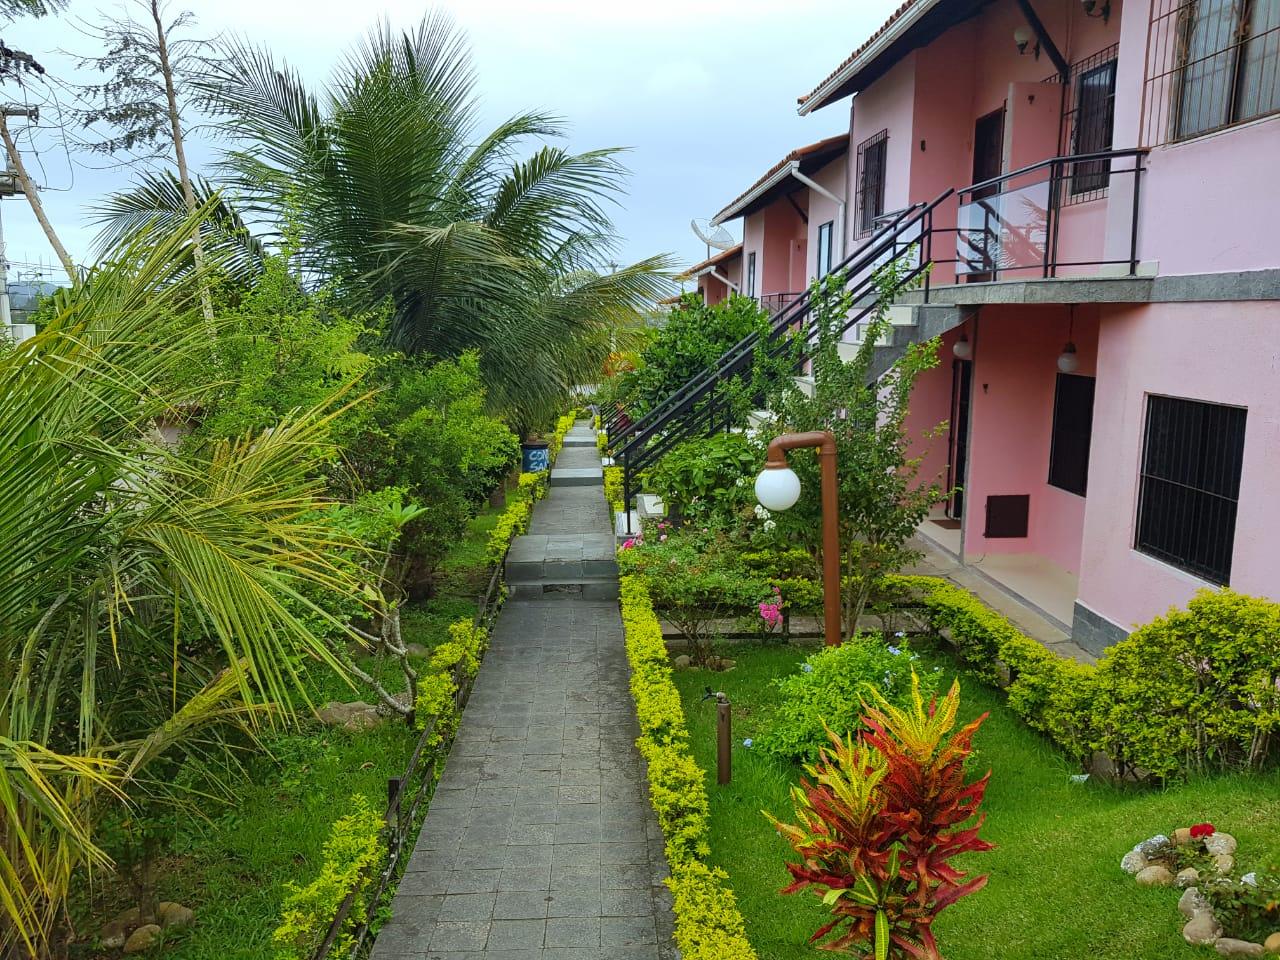 Cód 395 Casa em condomínio, 2 quartos,venda, Peró, Cabo Frio – RJ